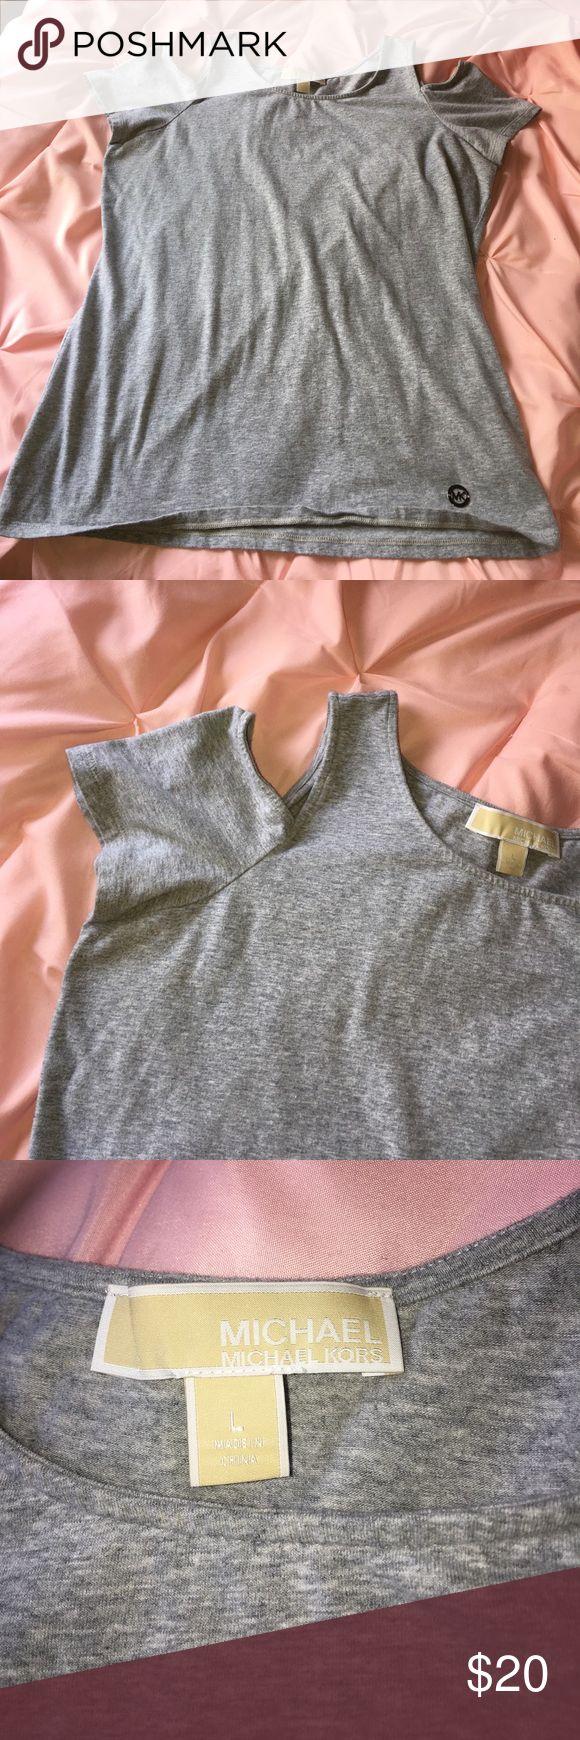 Cute MK cold shoulder tshirt Worn twice, very flattering Michael Kors Tops